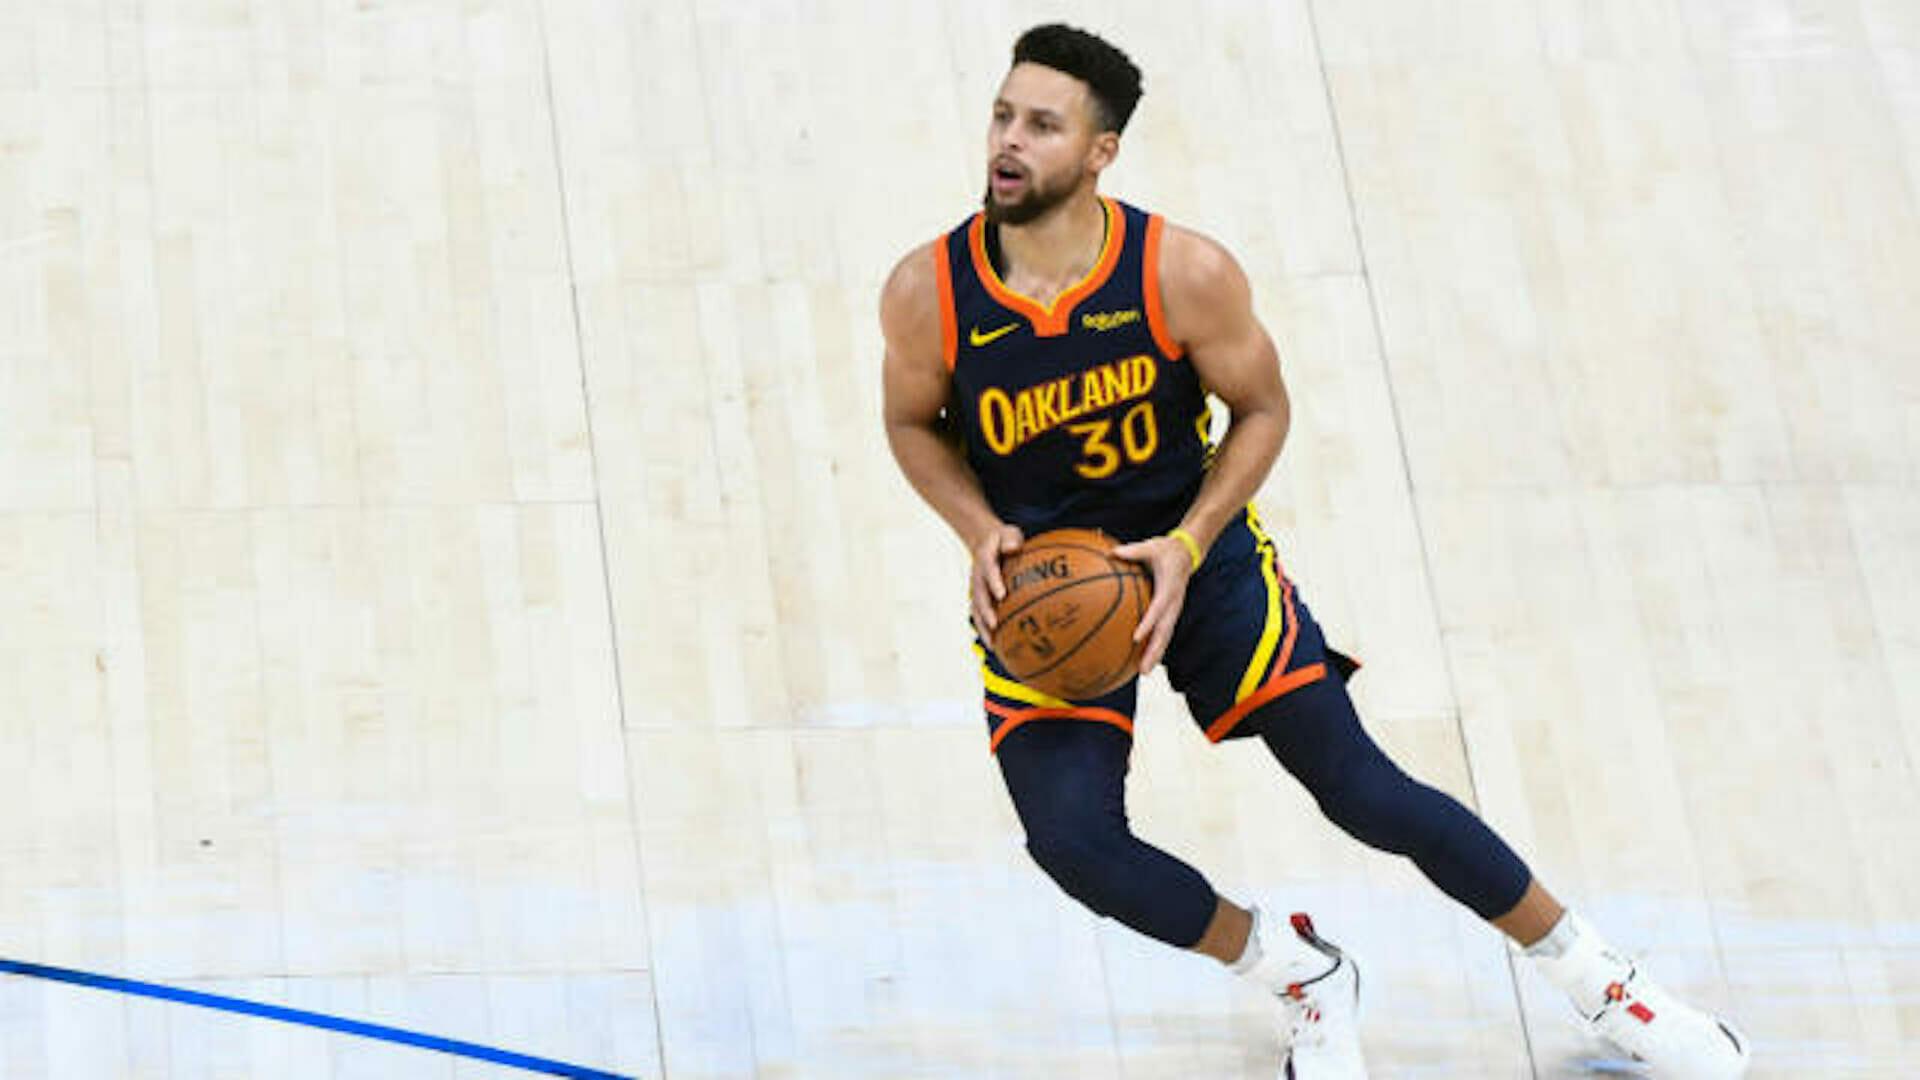 Beside Sport - Quels sont les 10 meilleurs marqueurs à 3 points de l'histoire de la NBA? -